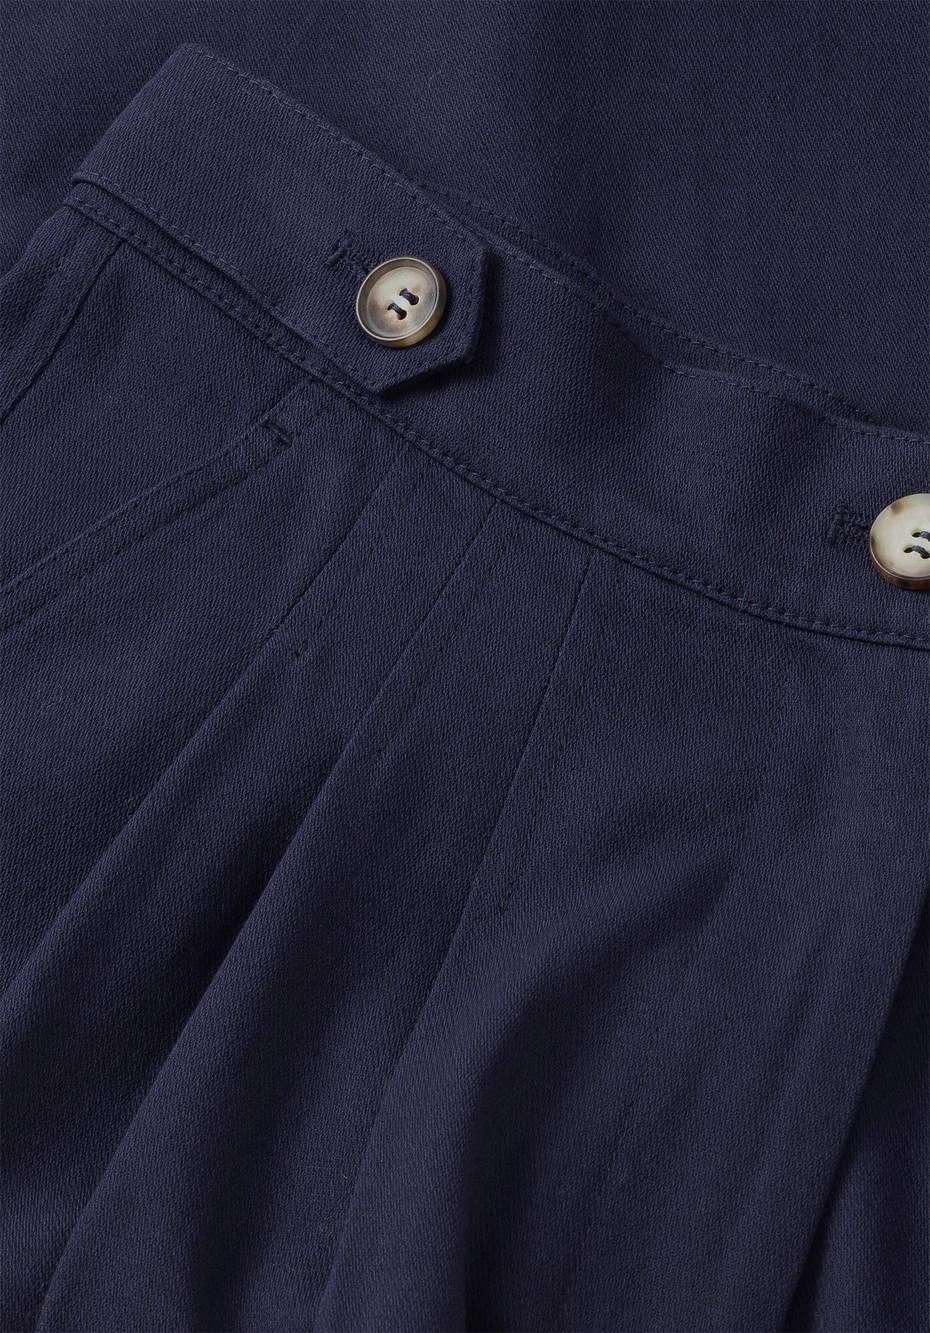 Midi culottes made of pure organic cotton